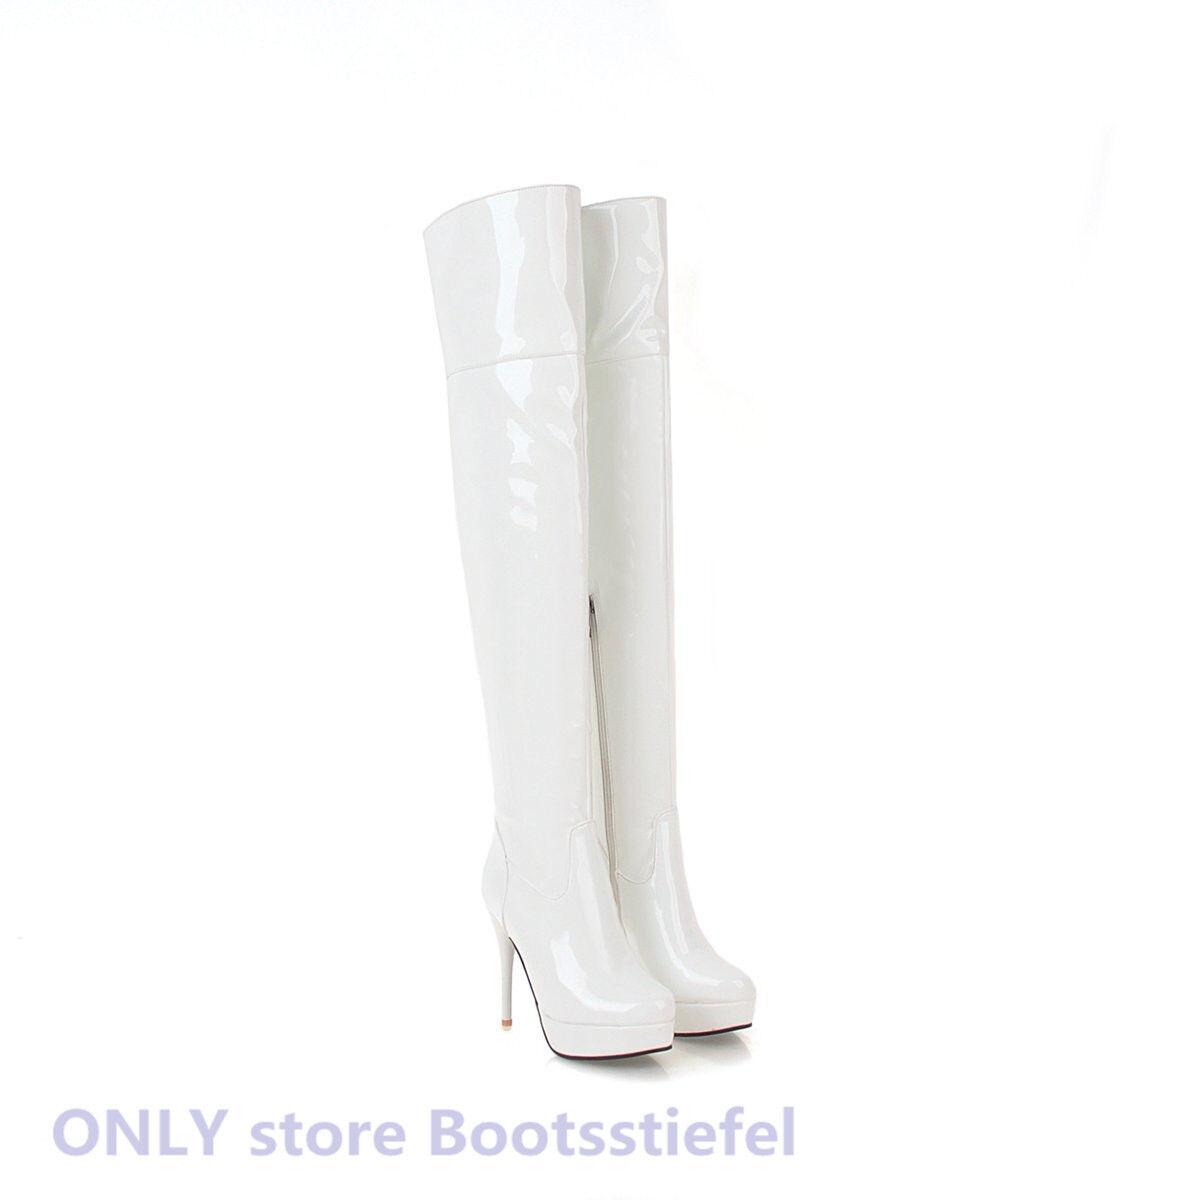 Gr.32-48 Damenschuhe Sexy Damenschuhe Gr.32-48 Lackleder Overknee Stiefel Plateau Heels Stiefeletten a28e76